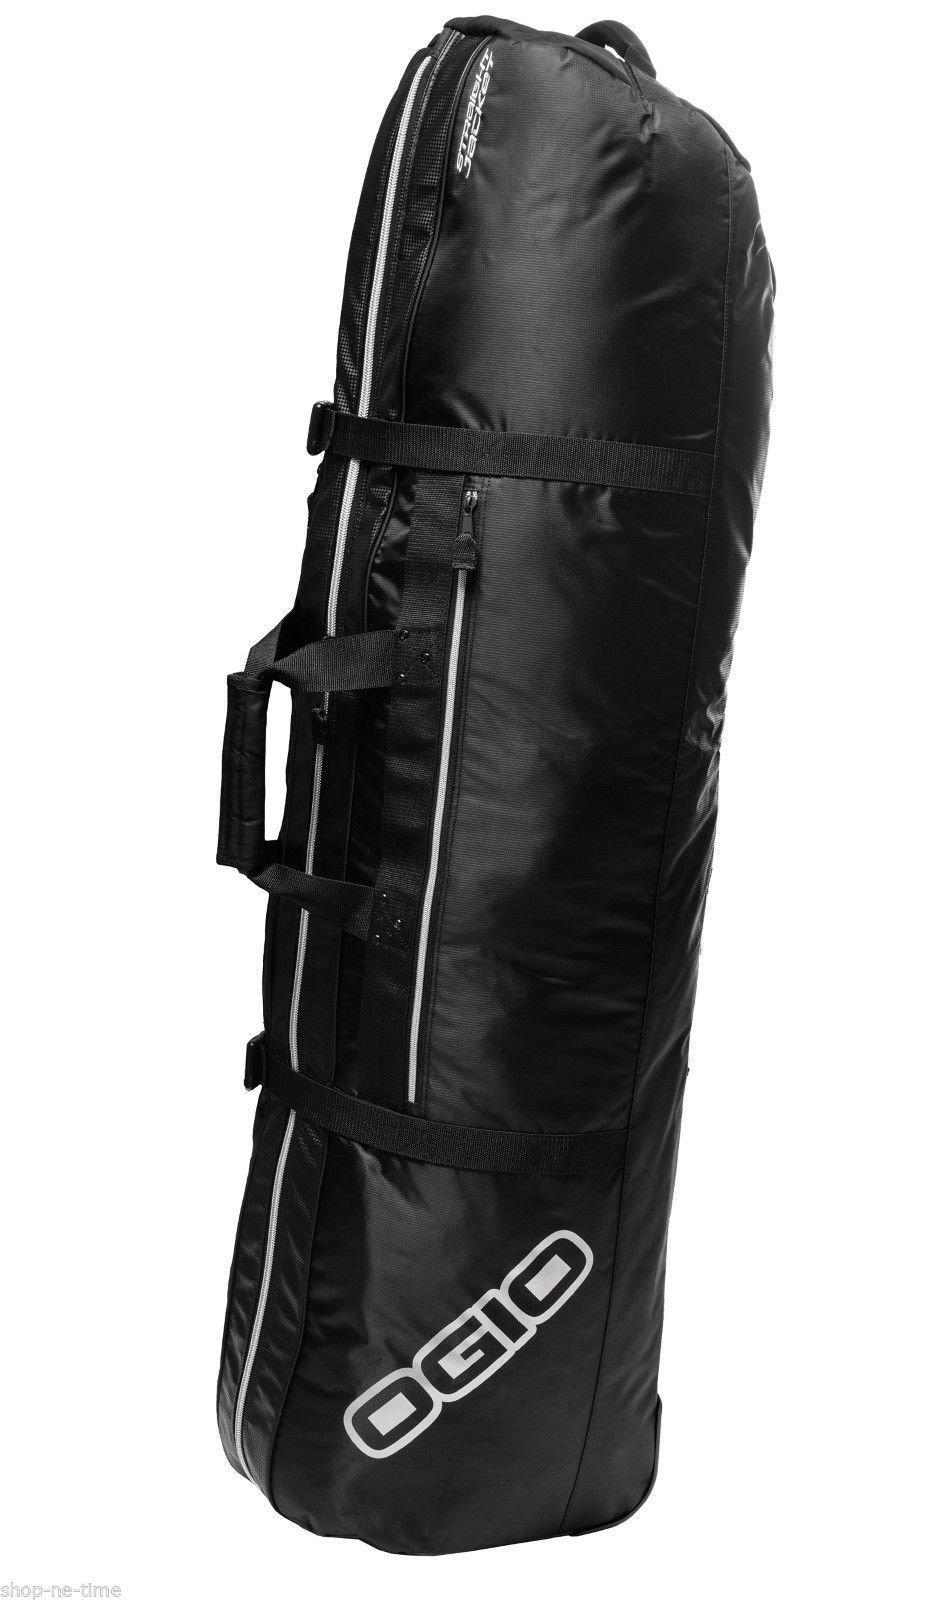 OGIO Straight Jacket II Travel Bag. 427001 by OGIO